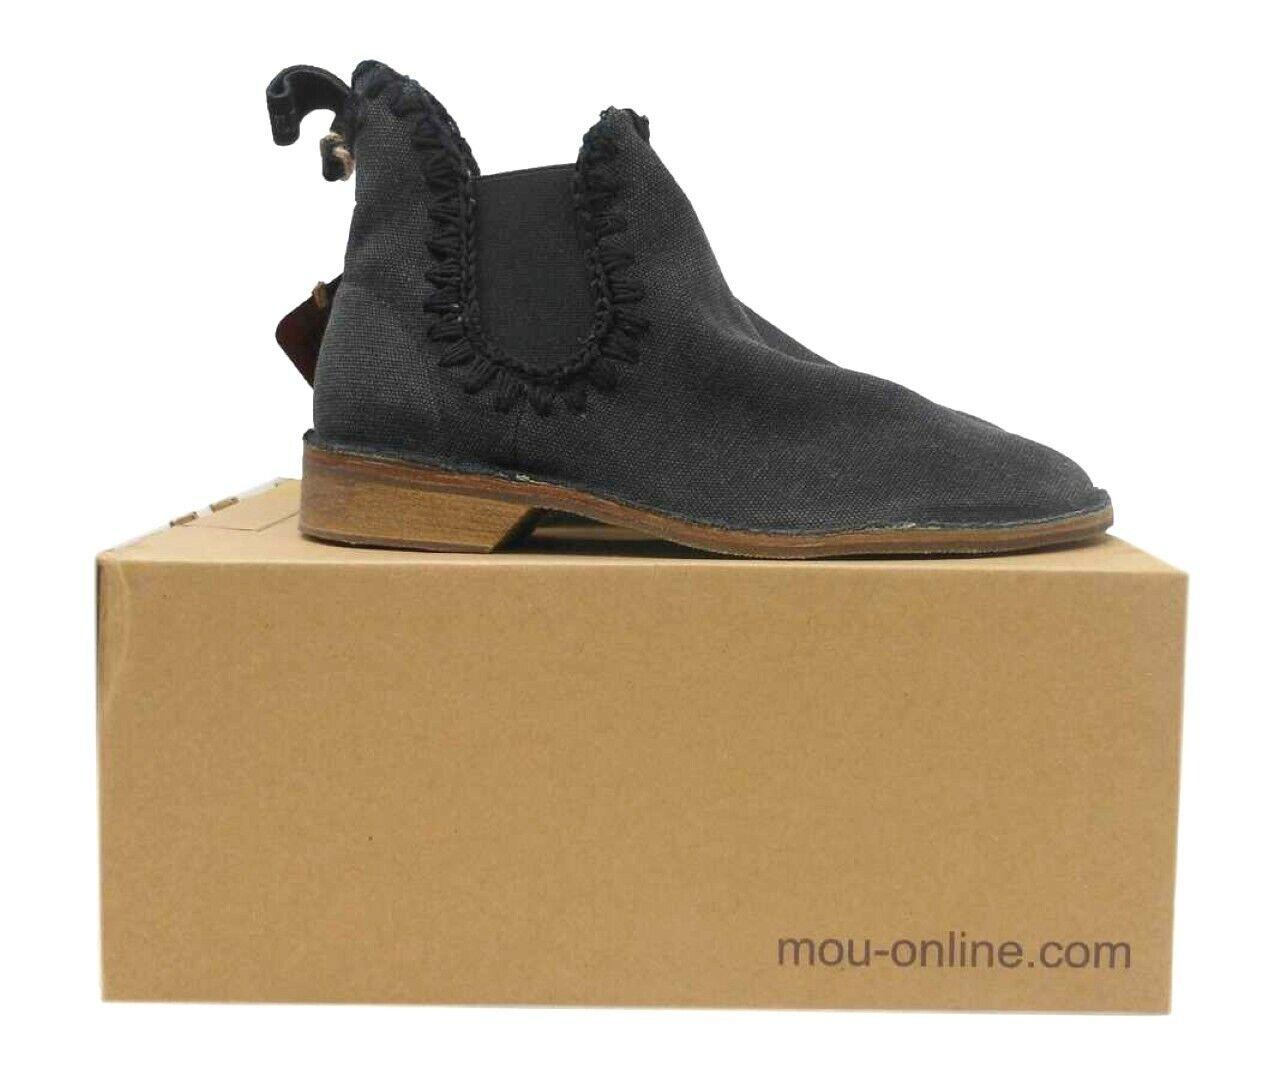 Señoras Negras Mou Chelsea botas con detalle de puntada Talla UK 6 MO2